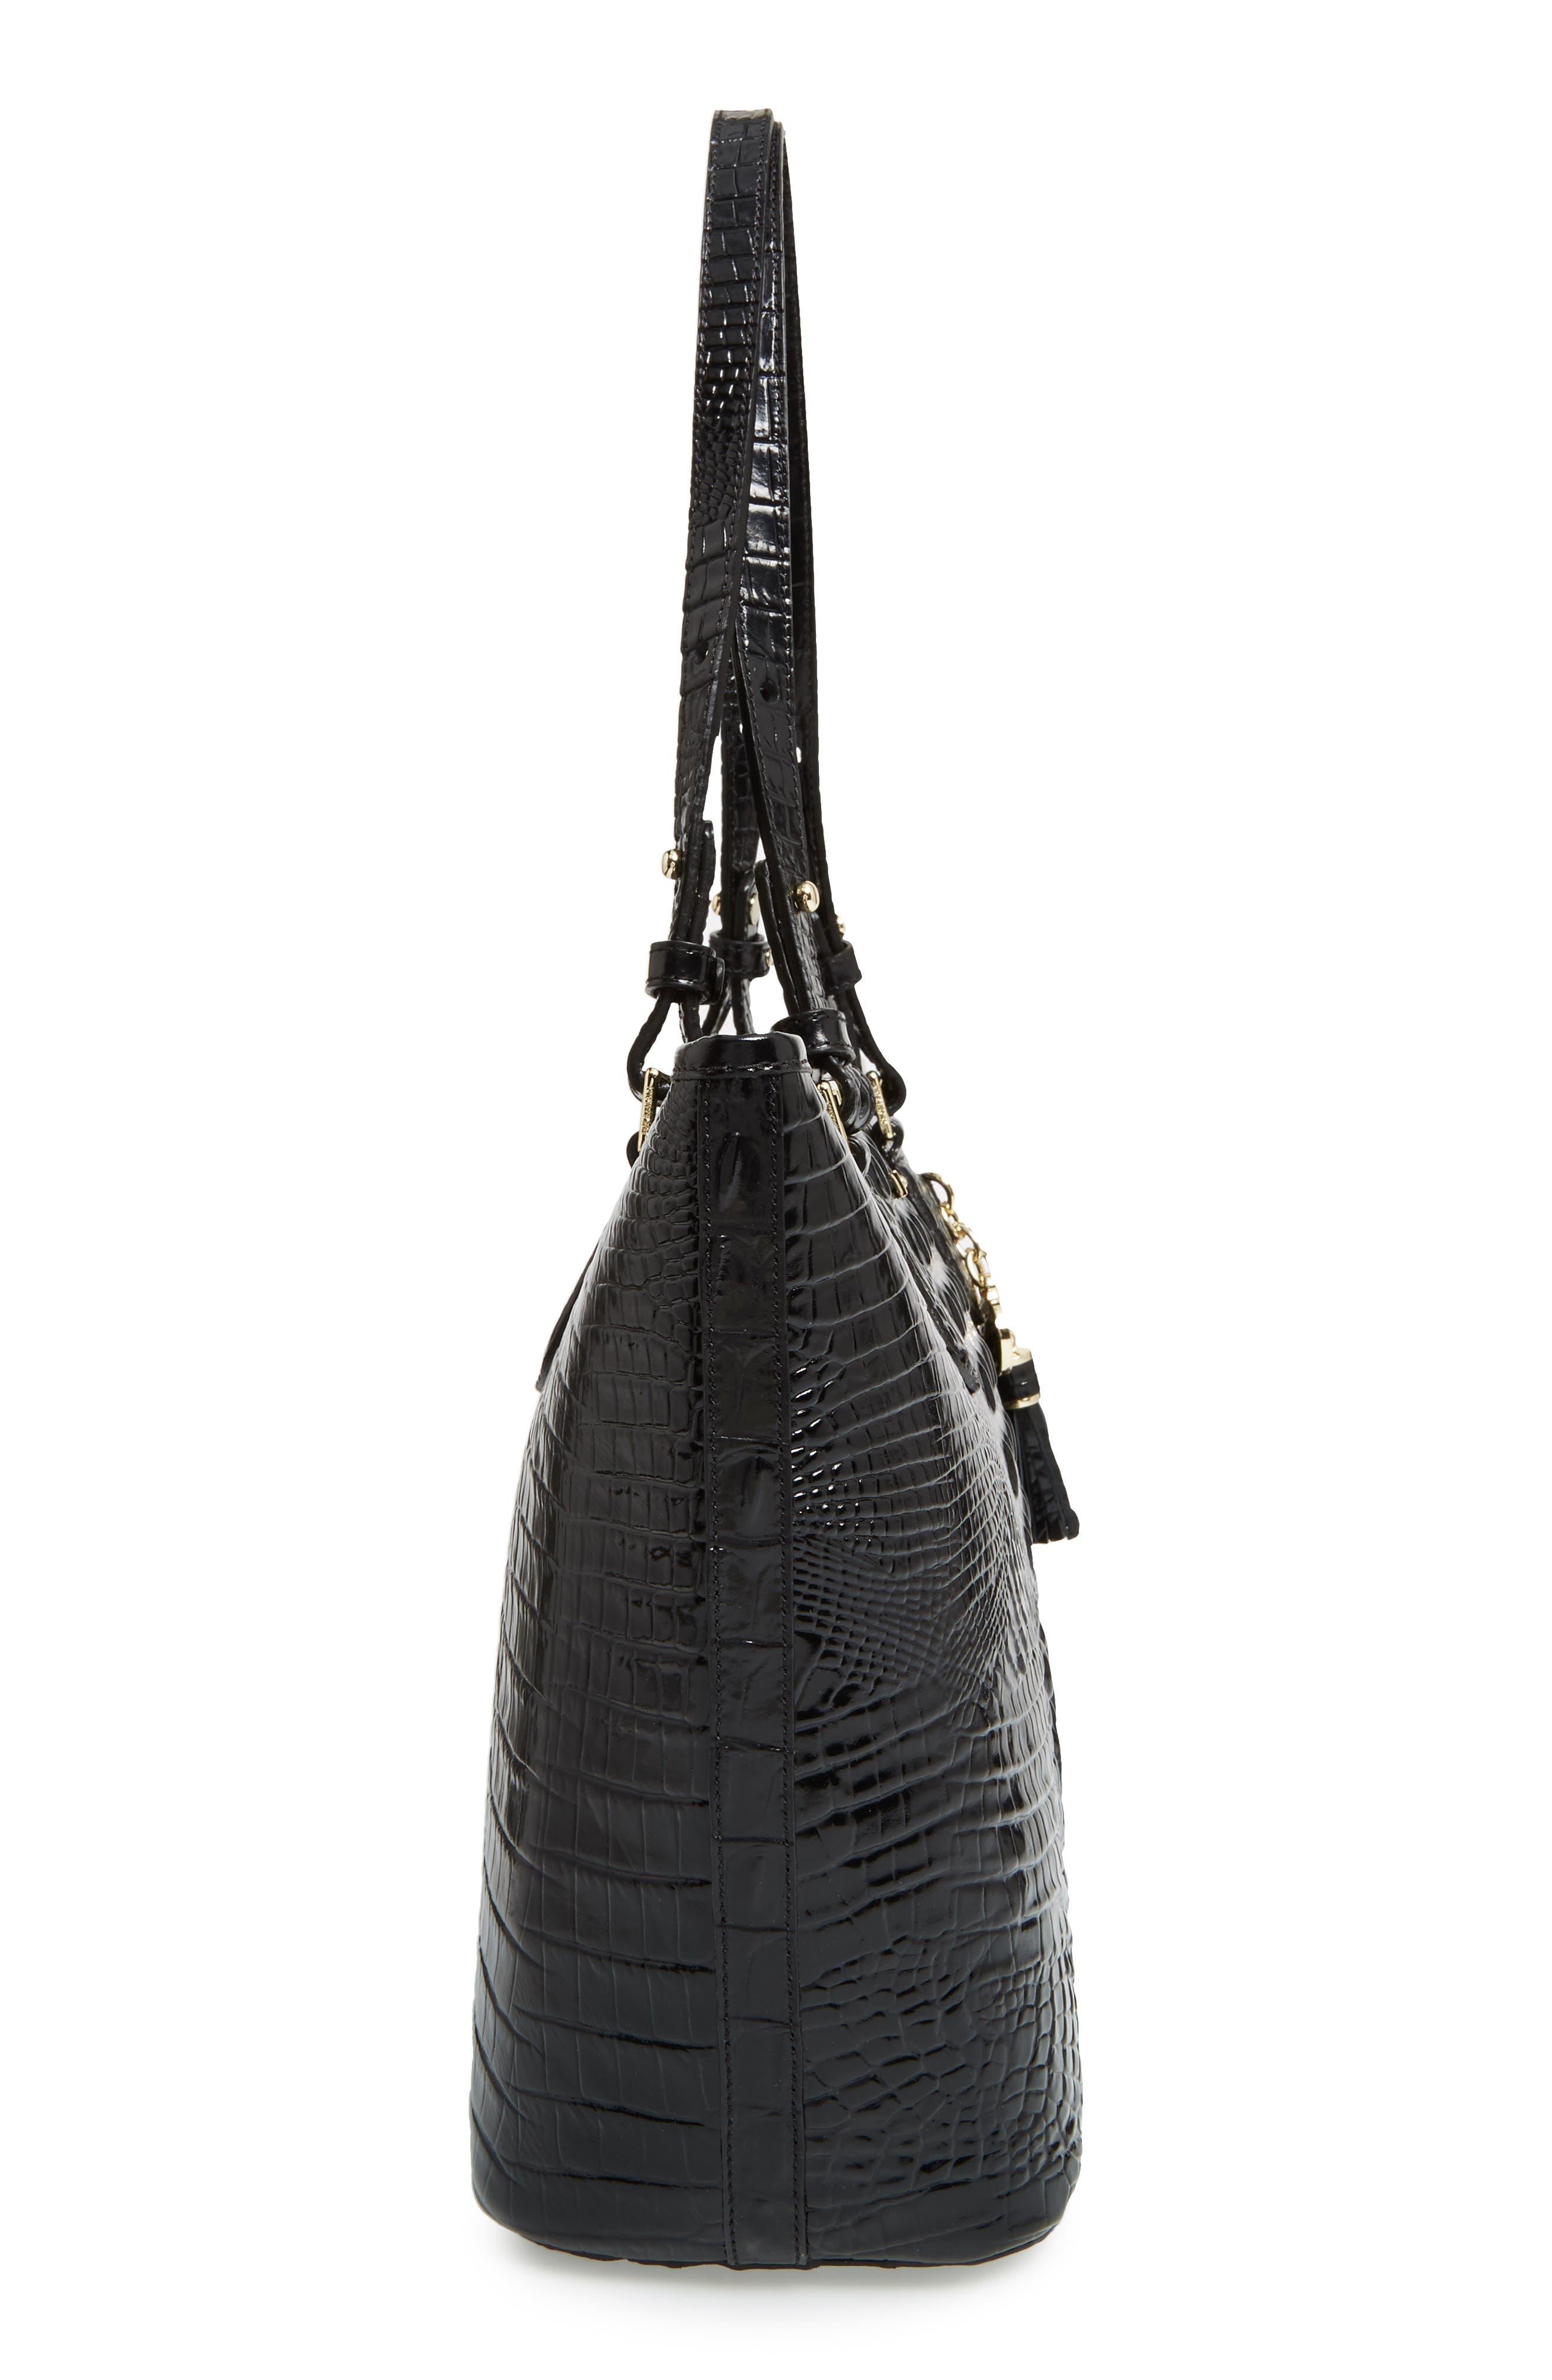 BRAHMIN, 'Medium Asher' Leather Tote, Alternate thumbnail 6, color, BLACK